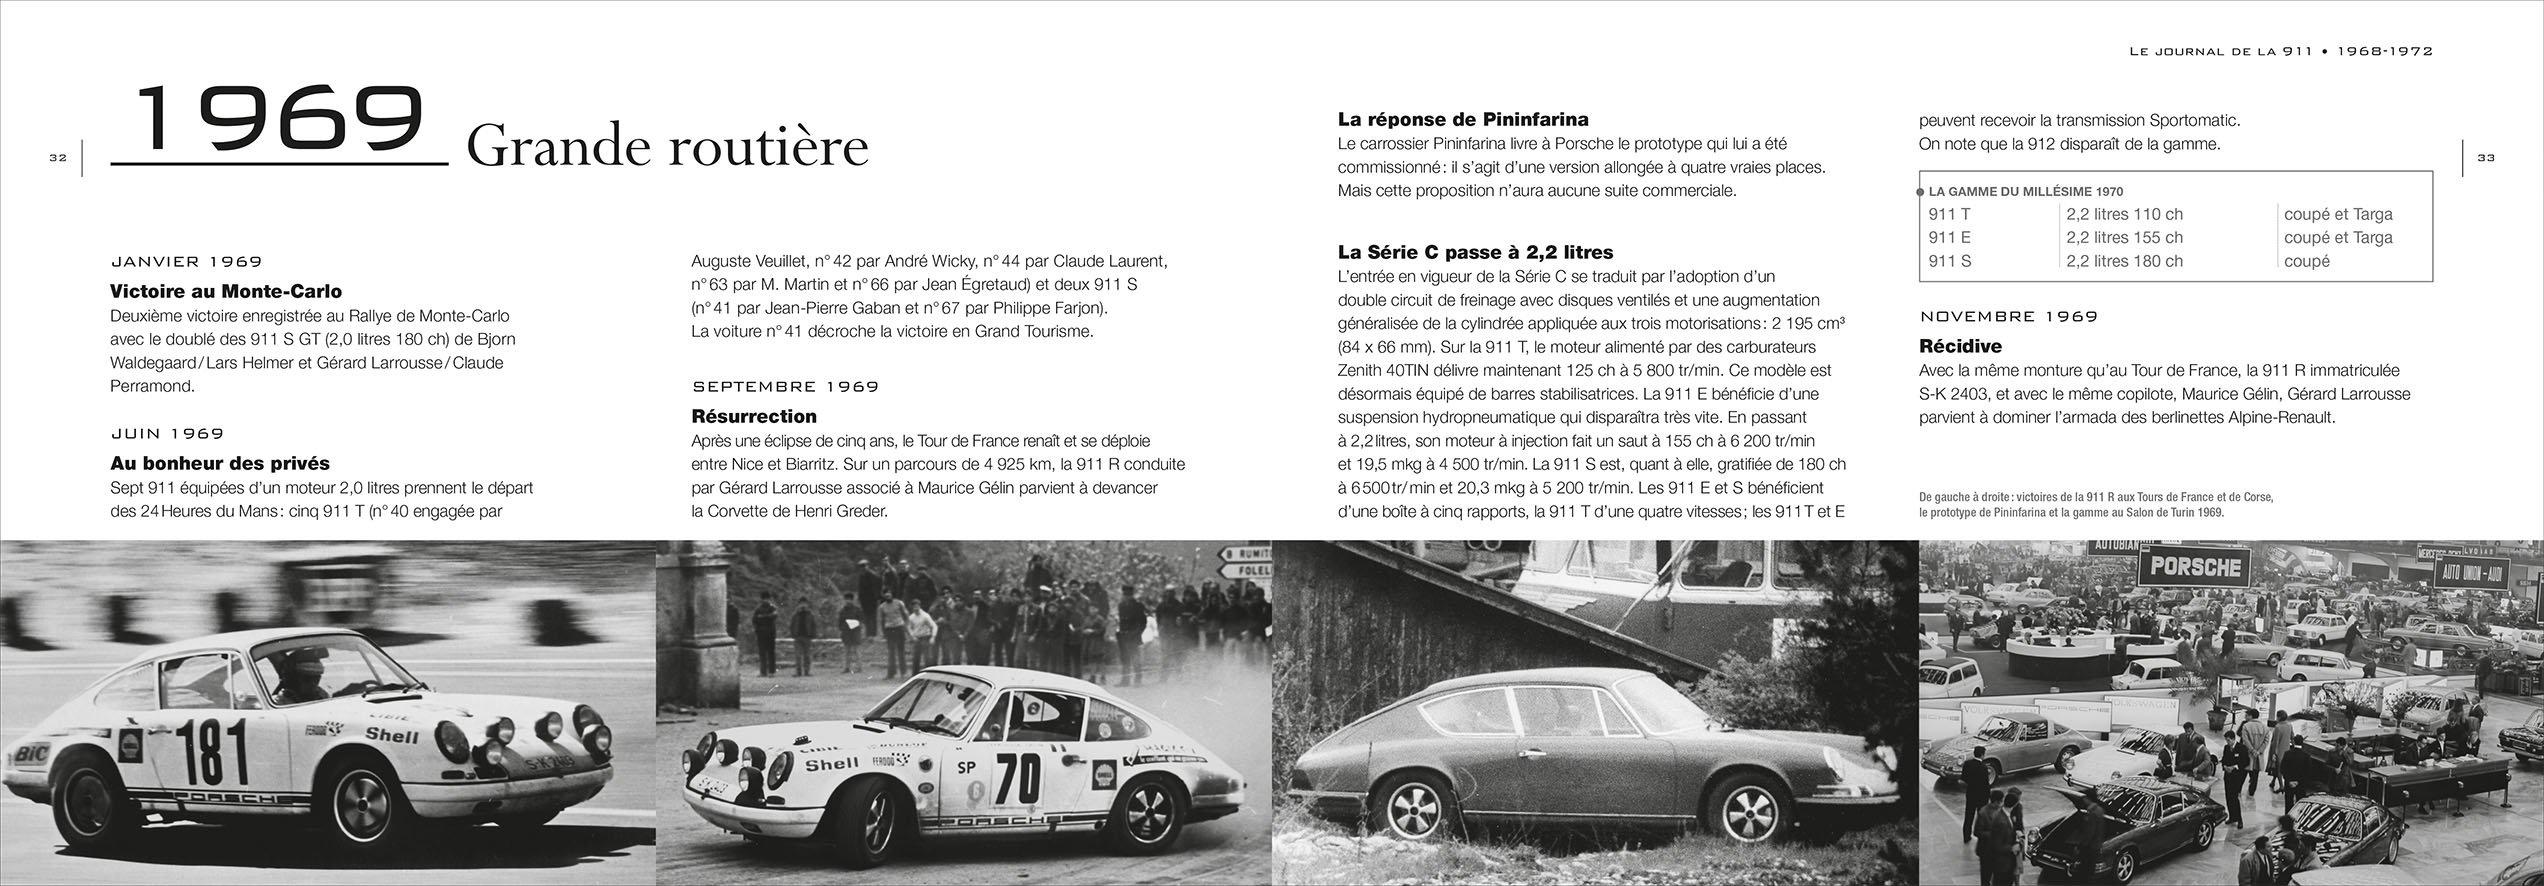 Porsche 911 - Nouvelle édition: Les modèles depuis 1963 Transport: Amazon.es: Serge Bellu: Libros en idiomas extranjeros